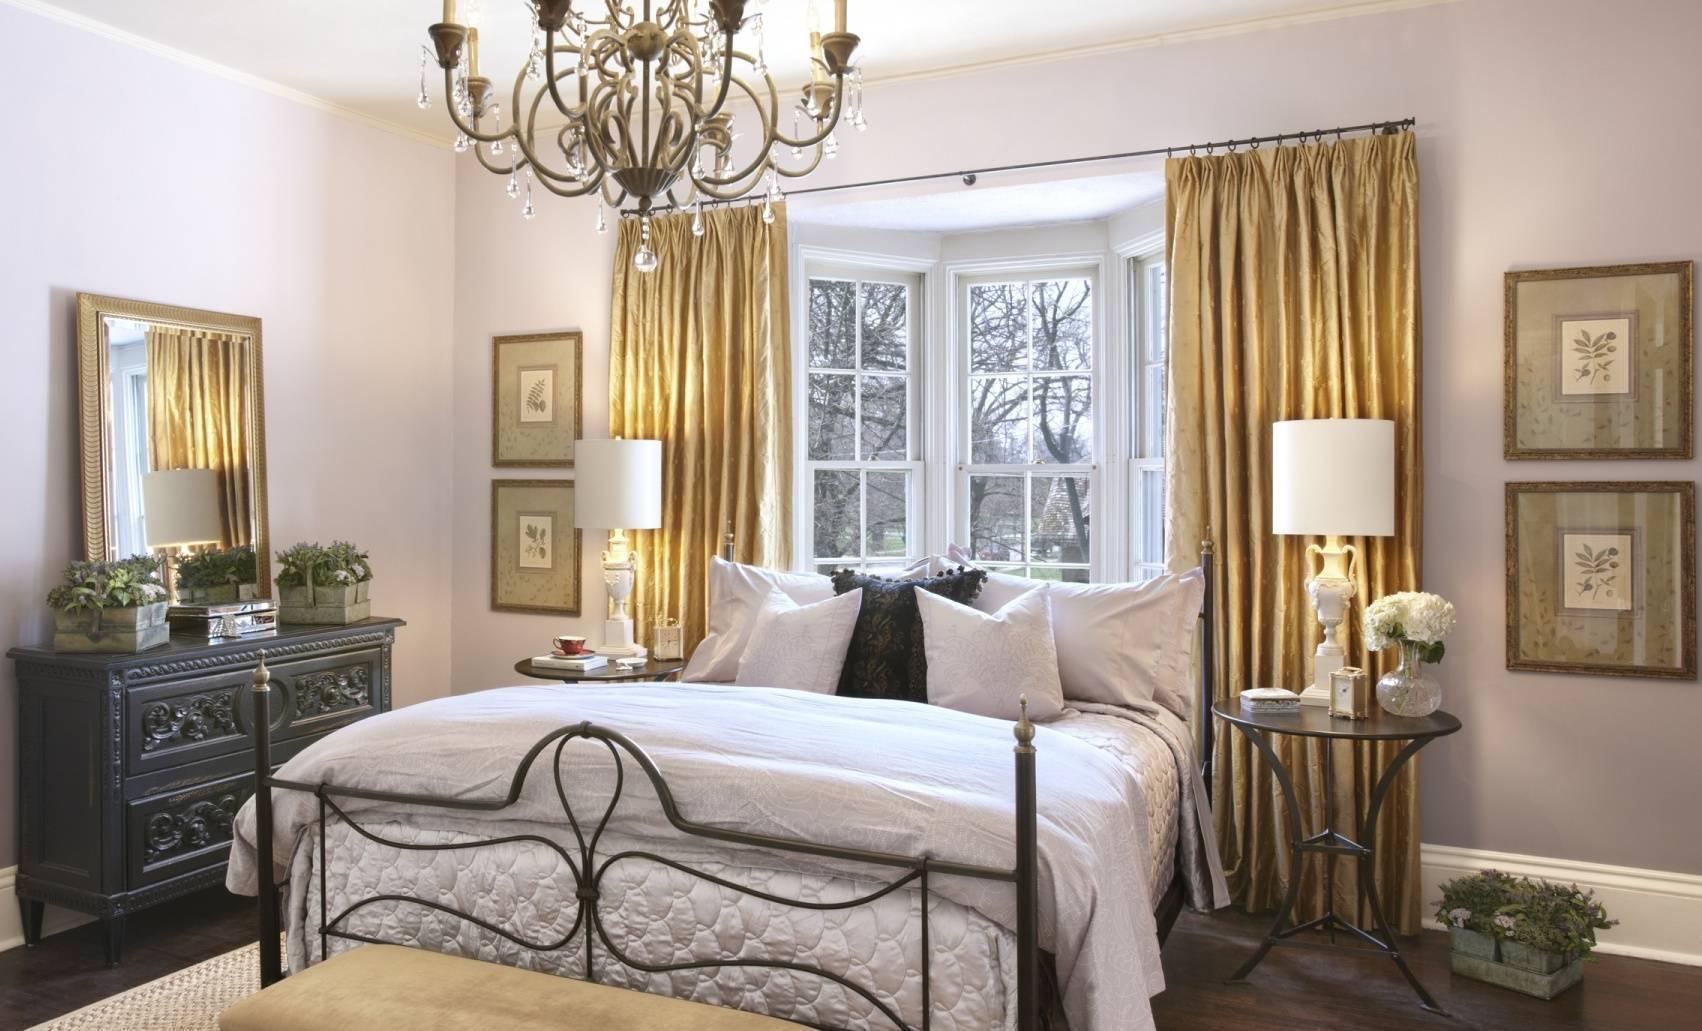 Какие обои выбрать для спальни и фото лучших обоев при обустройстве спальни | женский журнал читать онлайн: стильные стрижки, новинки в мире моды, советы по уходу